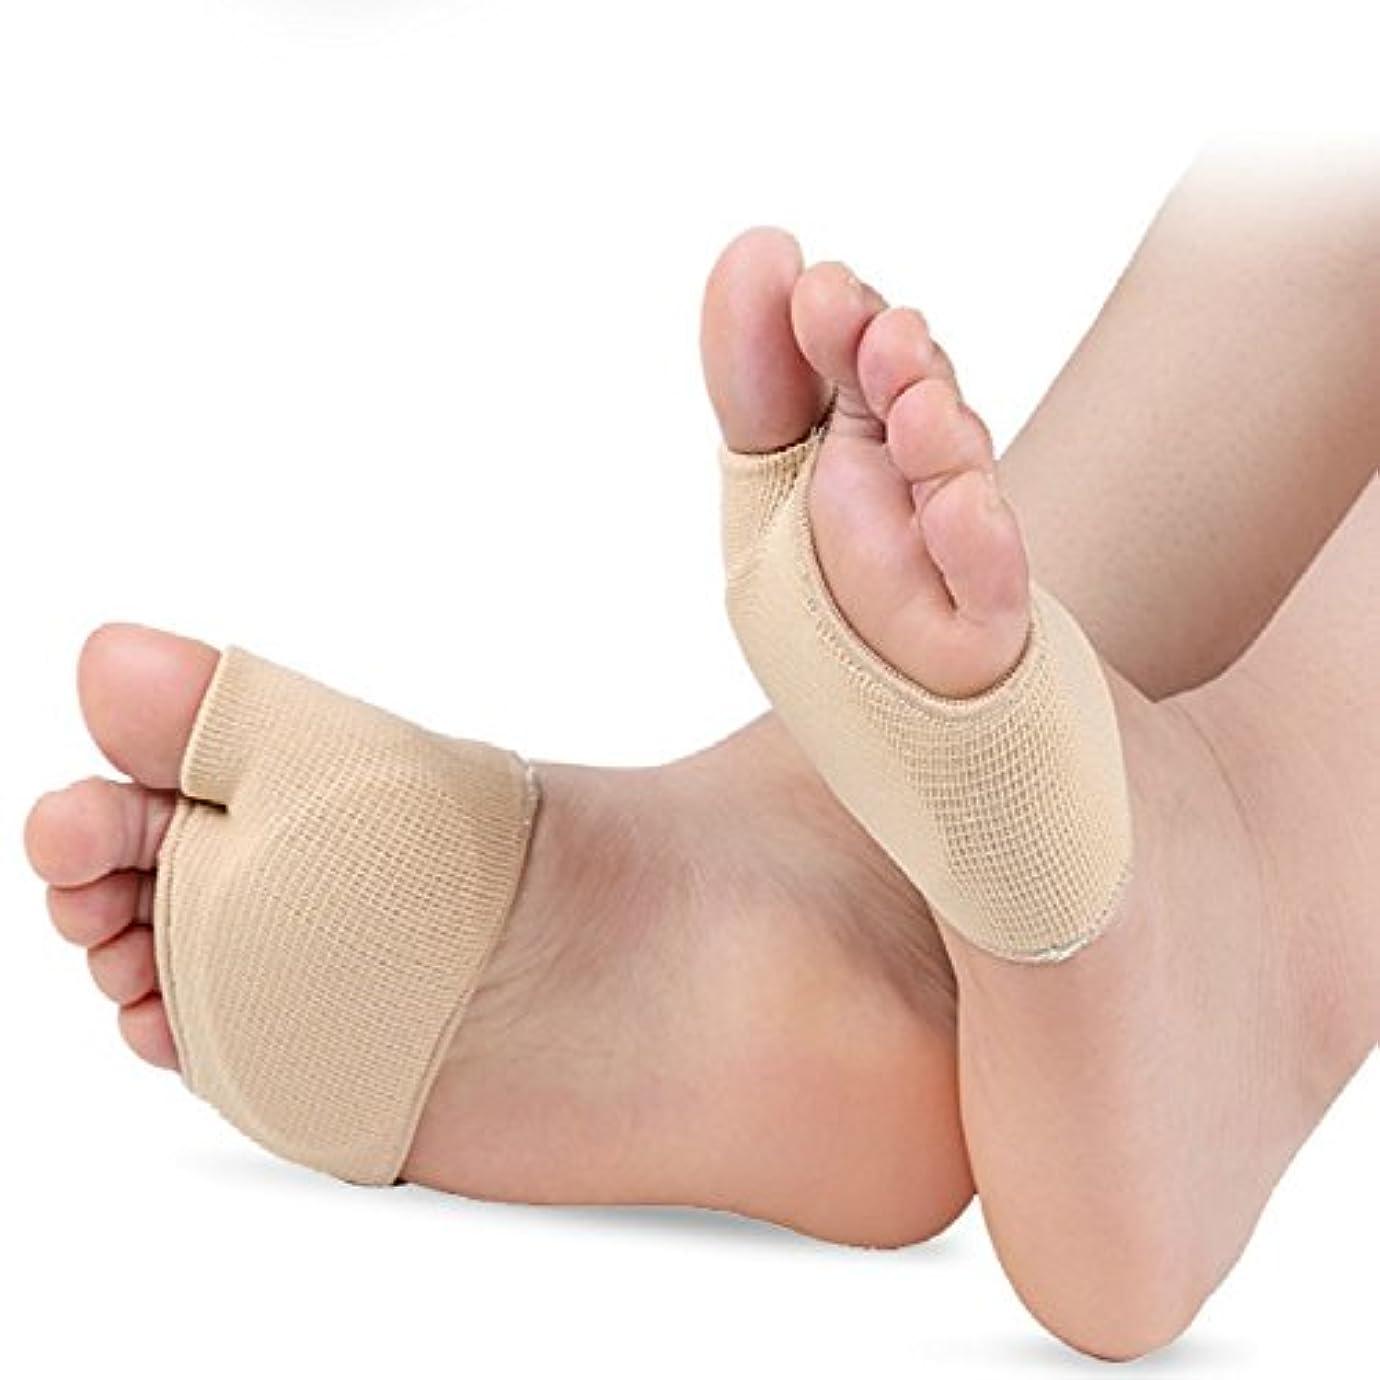 供給横向き哀種子骨 保護 サポーター 足裏 パッド クッション 足底 痛み 外反母趾サポーターの支持者とクッションパッドセット 衝撃吸収 (Lサイズ)